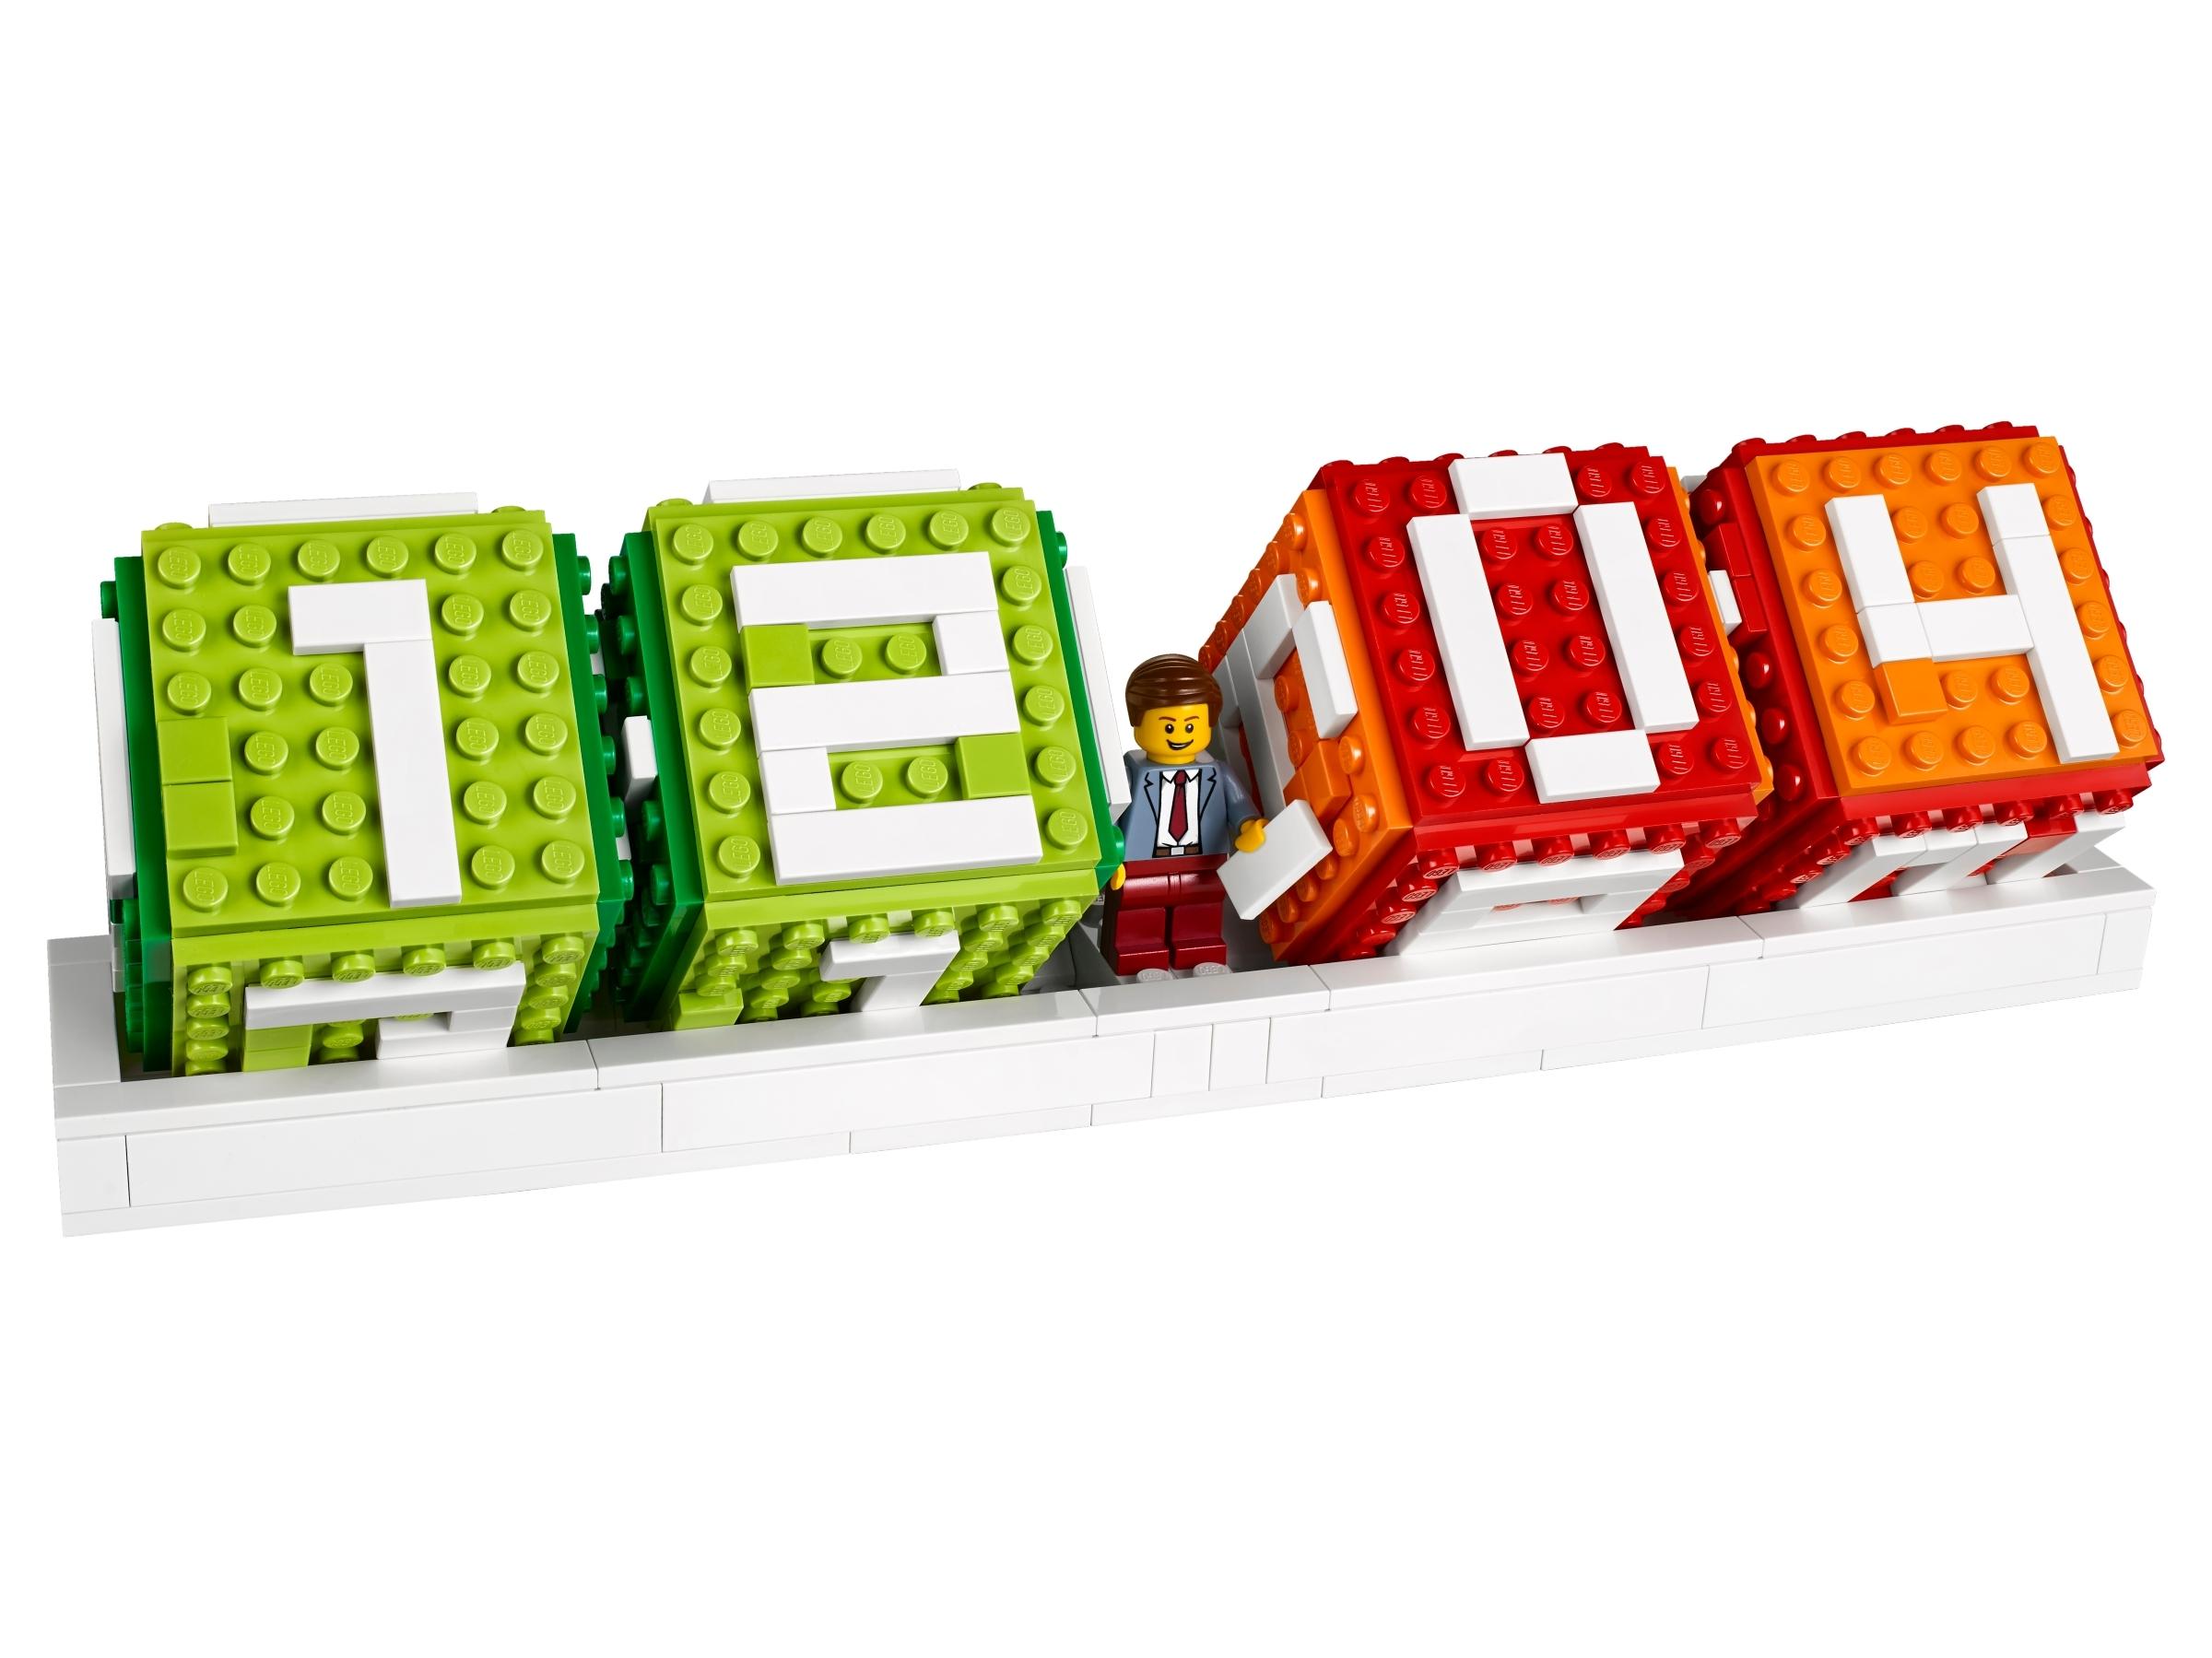 LEGO Övrigt 40172 Klosskalender 2017